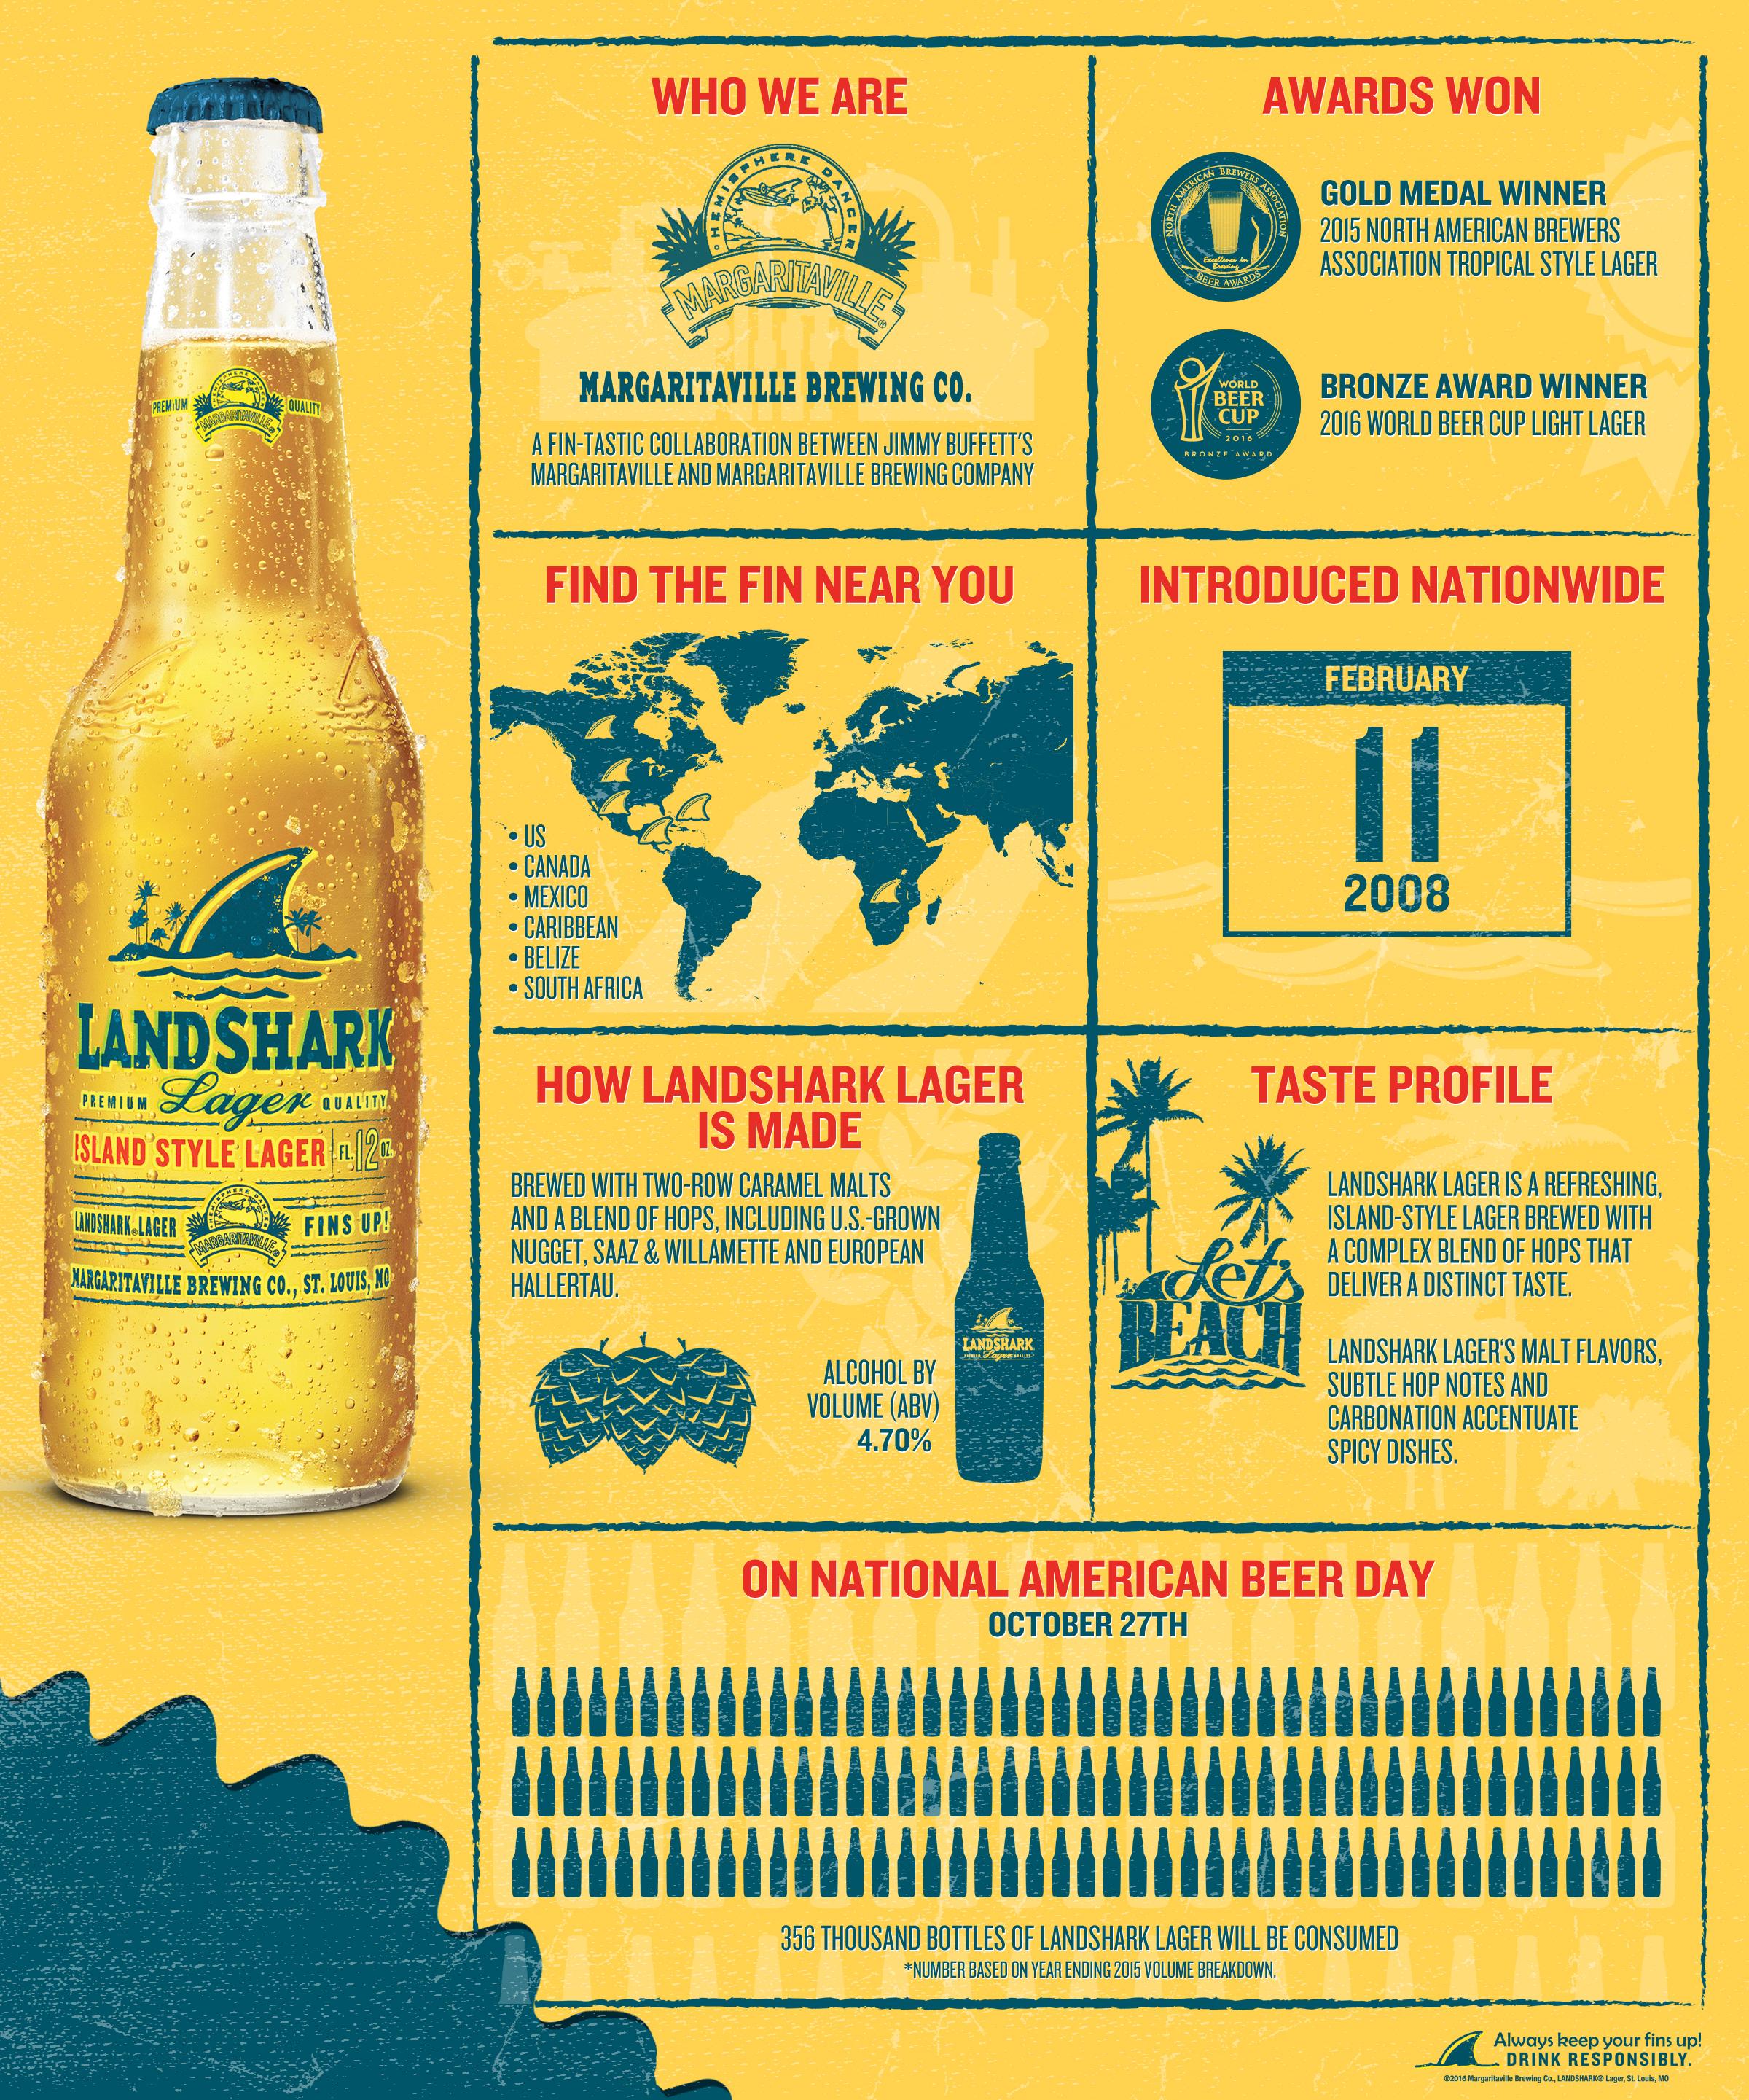 landshark-lager-infographic